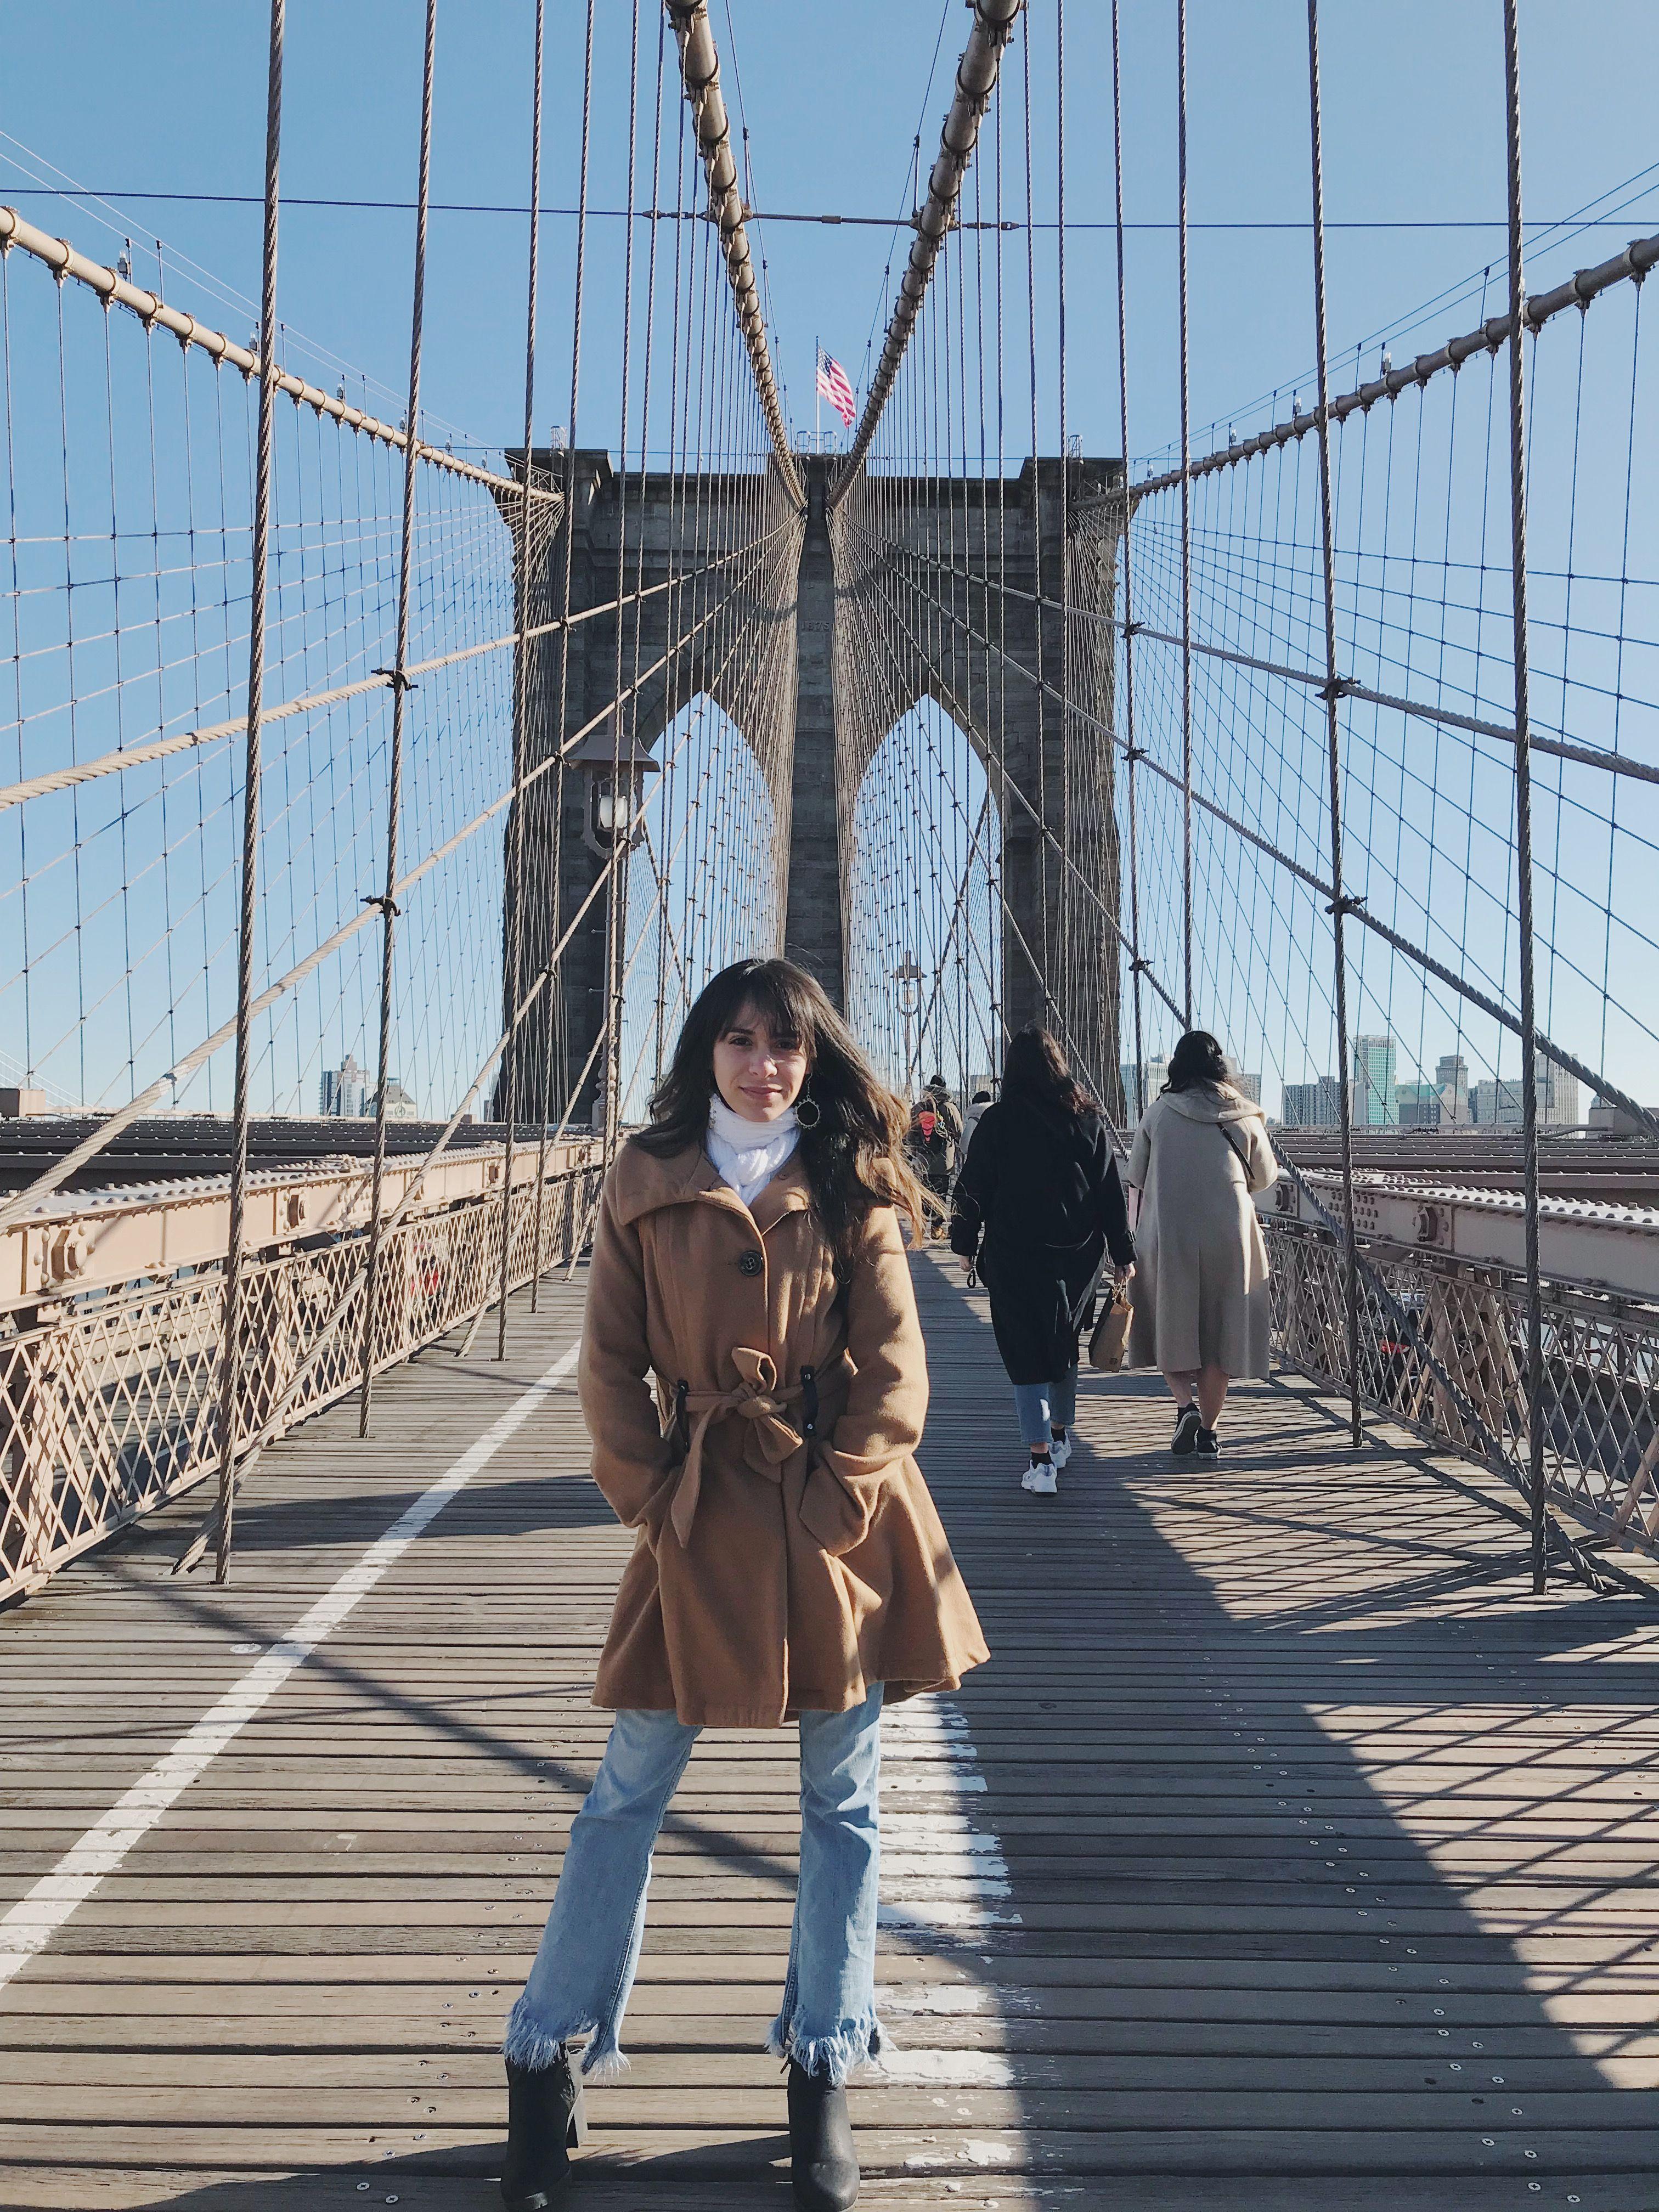 , Brooklyn Bridge, Hot Models Blog 2020, Hot Models Blog 2020